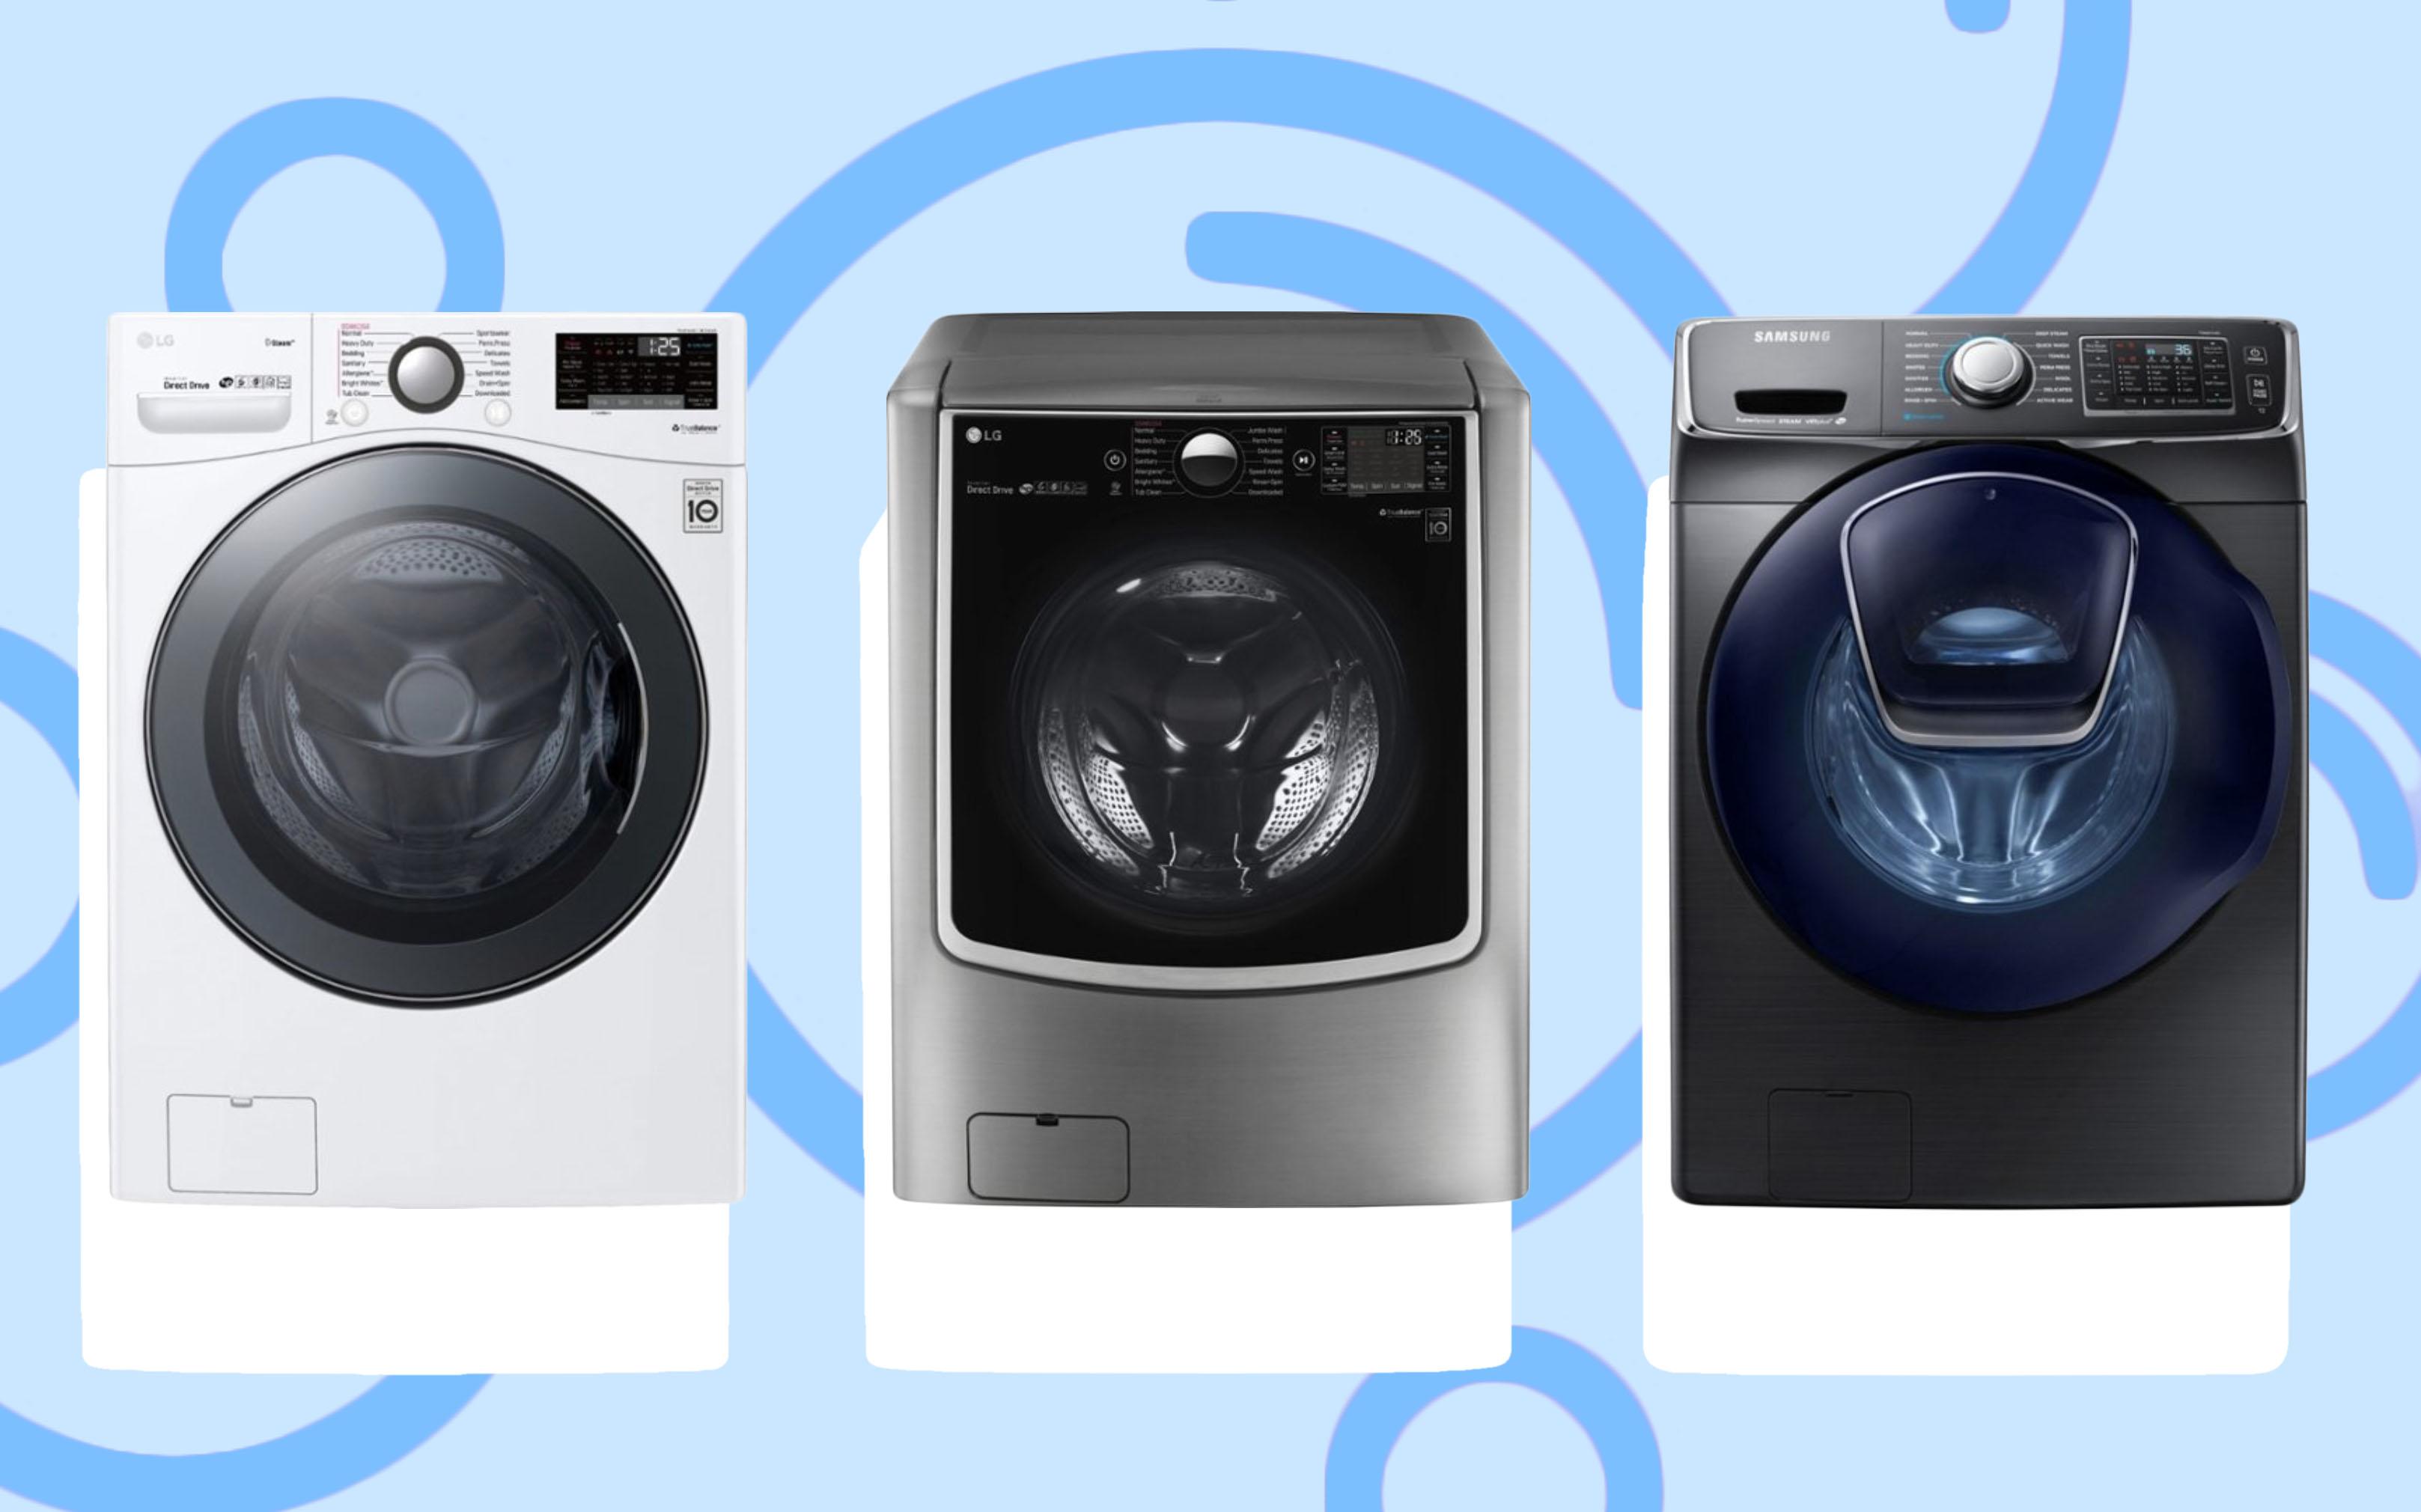 best black friday appliance deals 2020 - washing machines